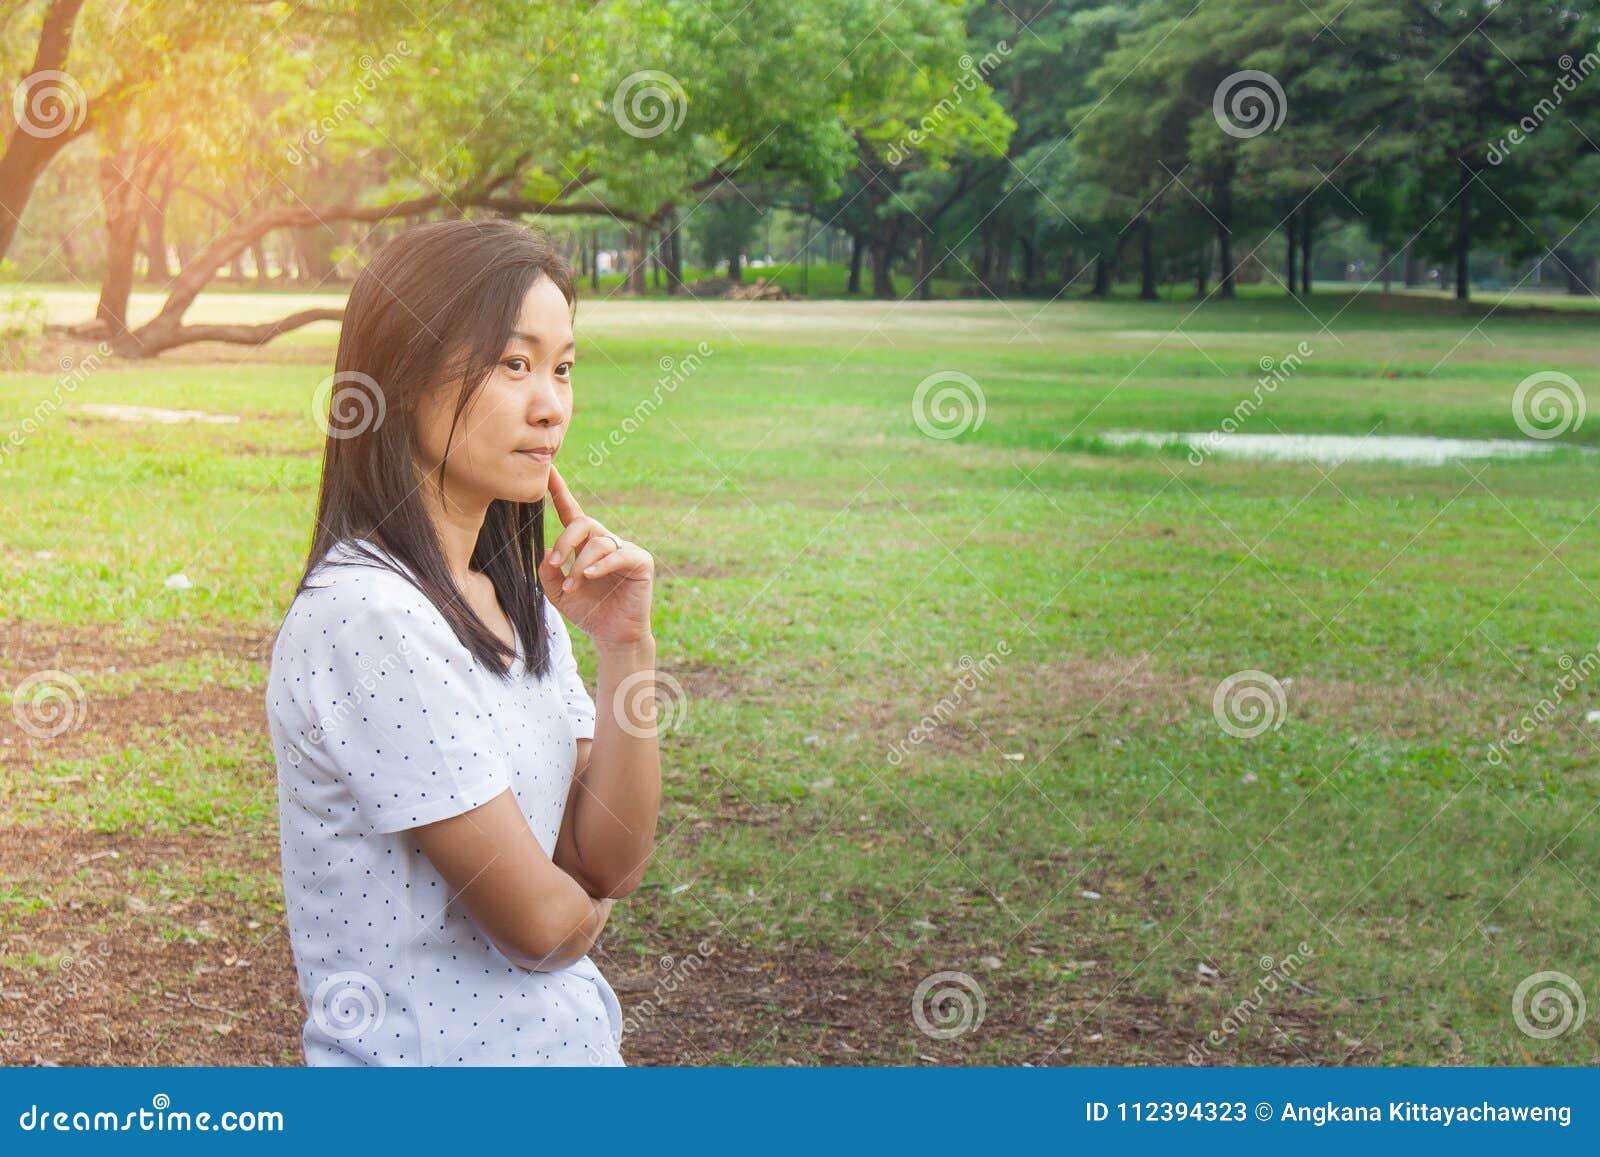 Ferien-und Feiertags-Konzept: Tragendes weißes T-Shirt der Frau Sie stehend auf grünem Gras im Park